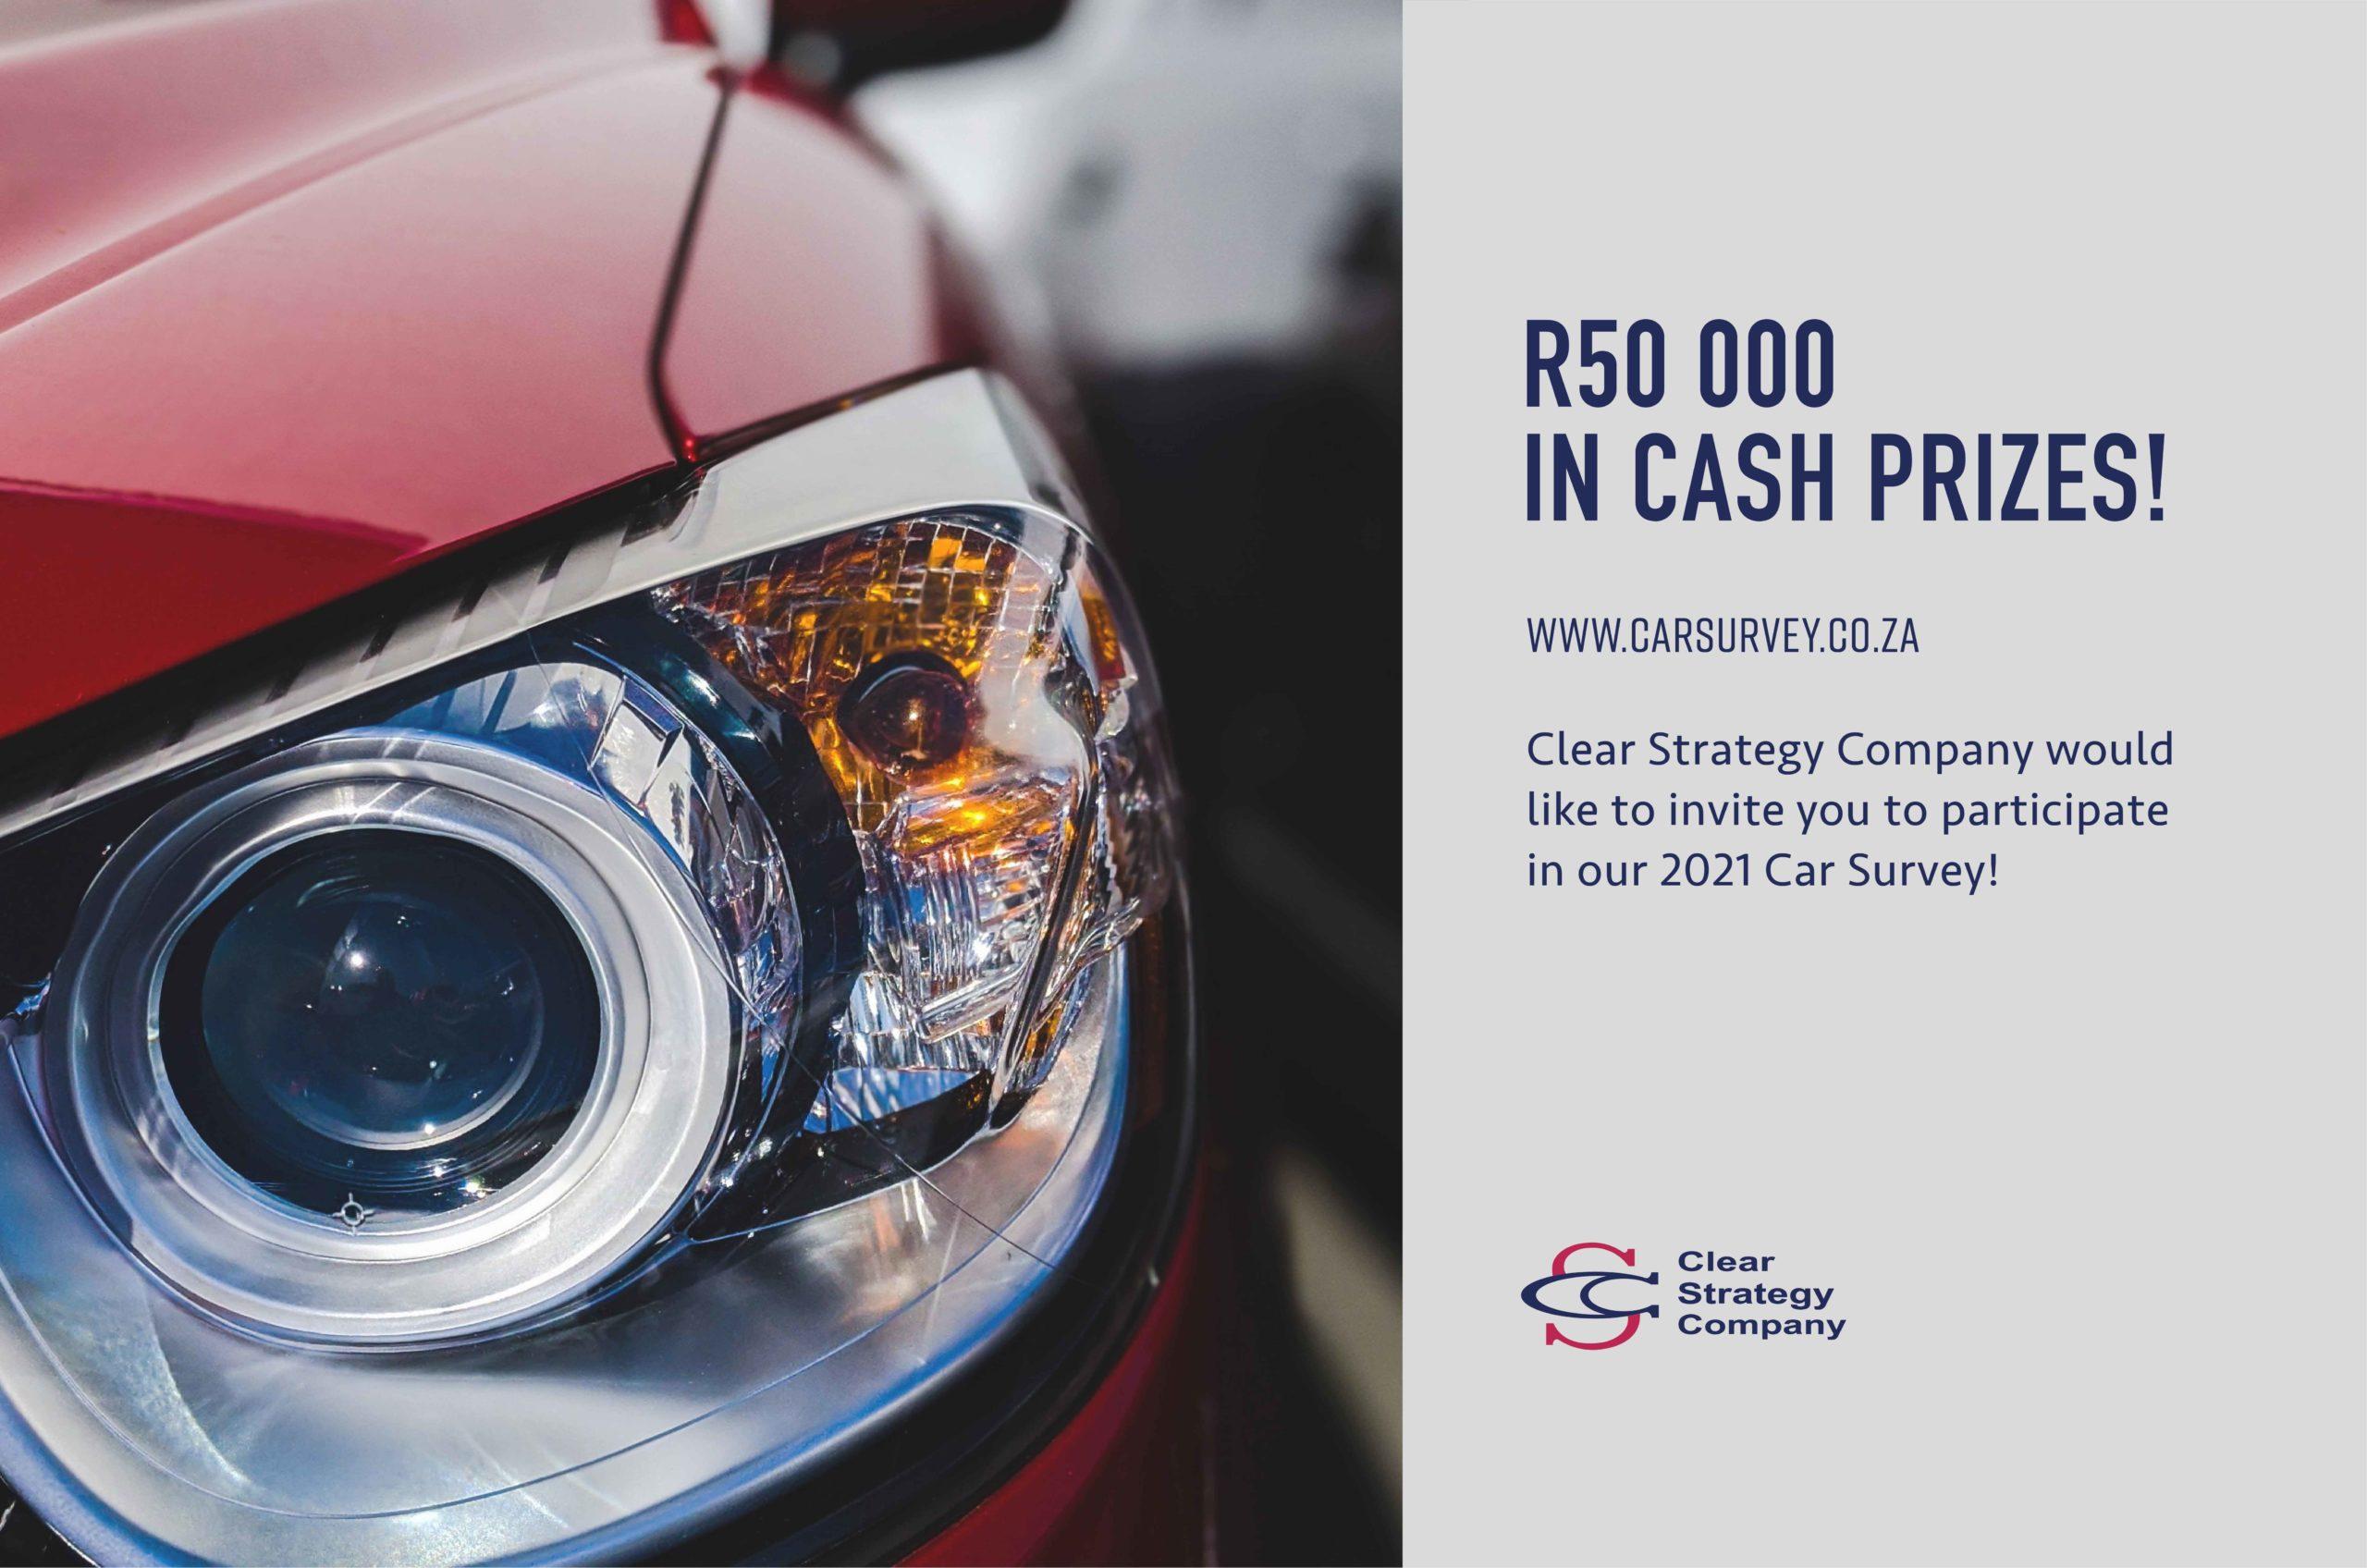 www.carsurvey.co.za